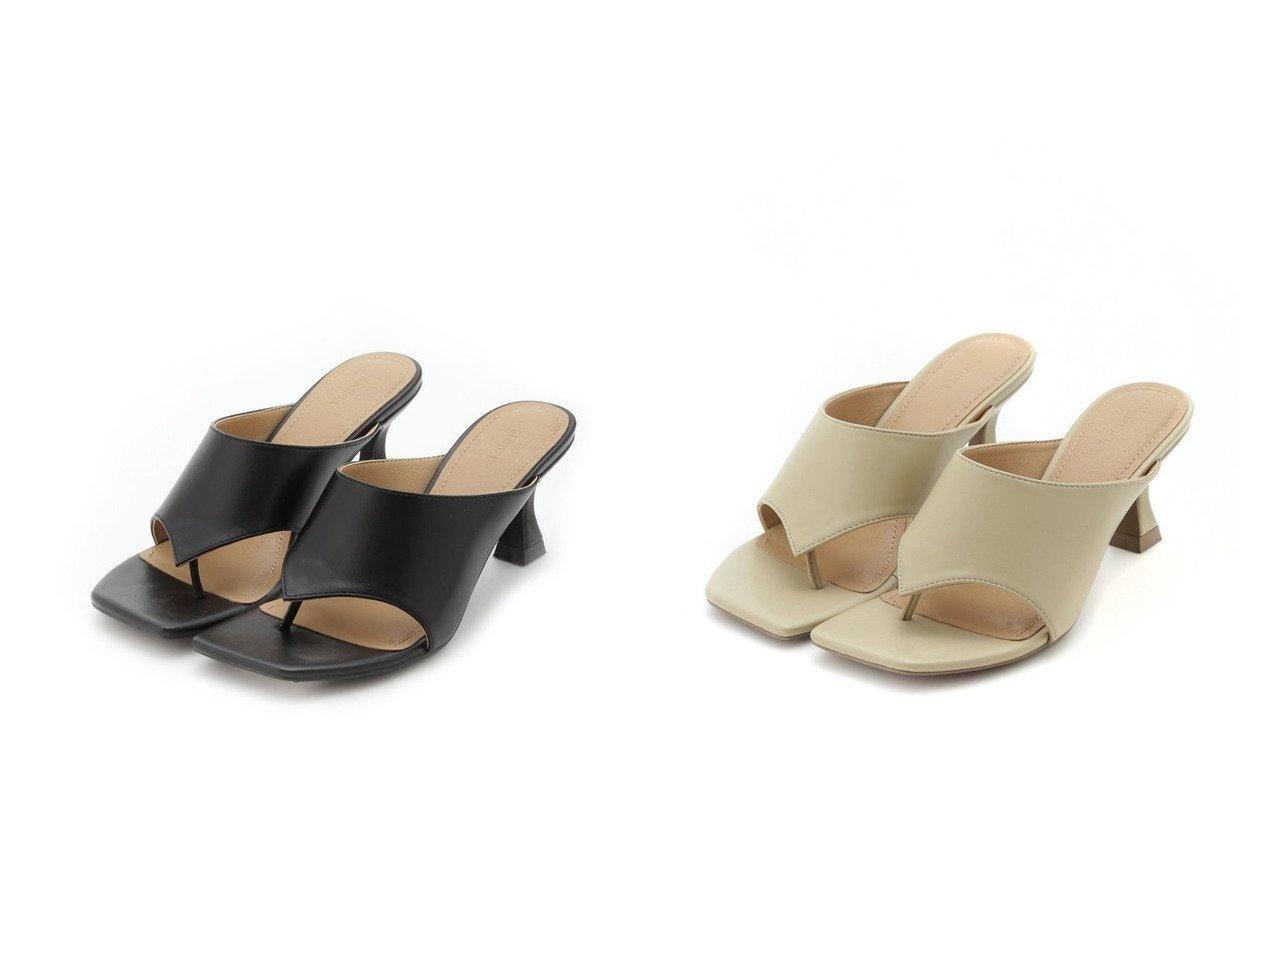 【SNIDEL/スナイデル】のトングヒールサンダル 【シューズ・靴】おすすめ!人気、トレンド・レディースファッションの通販 おすすめで人気の流行・トレンド、ファッションの通販商品 インテリア・家具・メンズファッション・キッズファッション・レディースファッション・服の通販 founy(ファニー) https://founy.com/ ファッション Fashion レディースファッション WOMEN サンダル シューズ フレンチ ミックス ミュール  ID:crp329100000055585